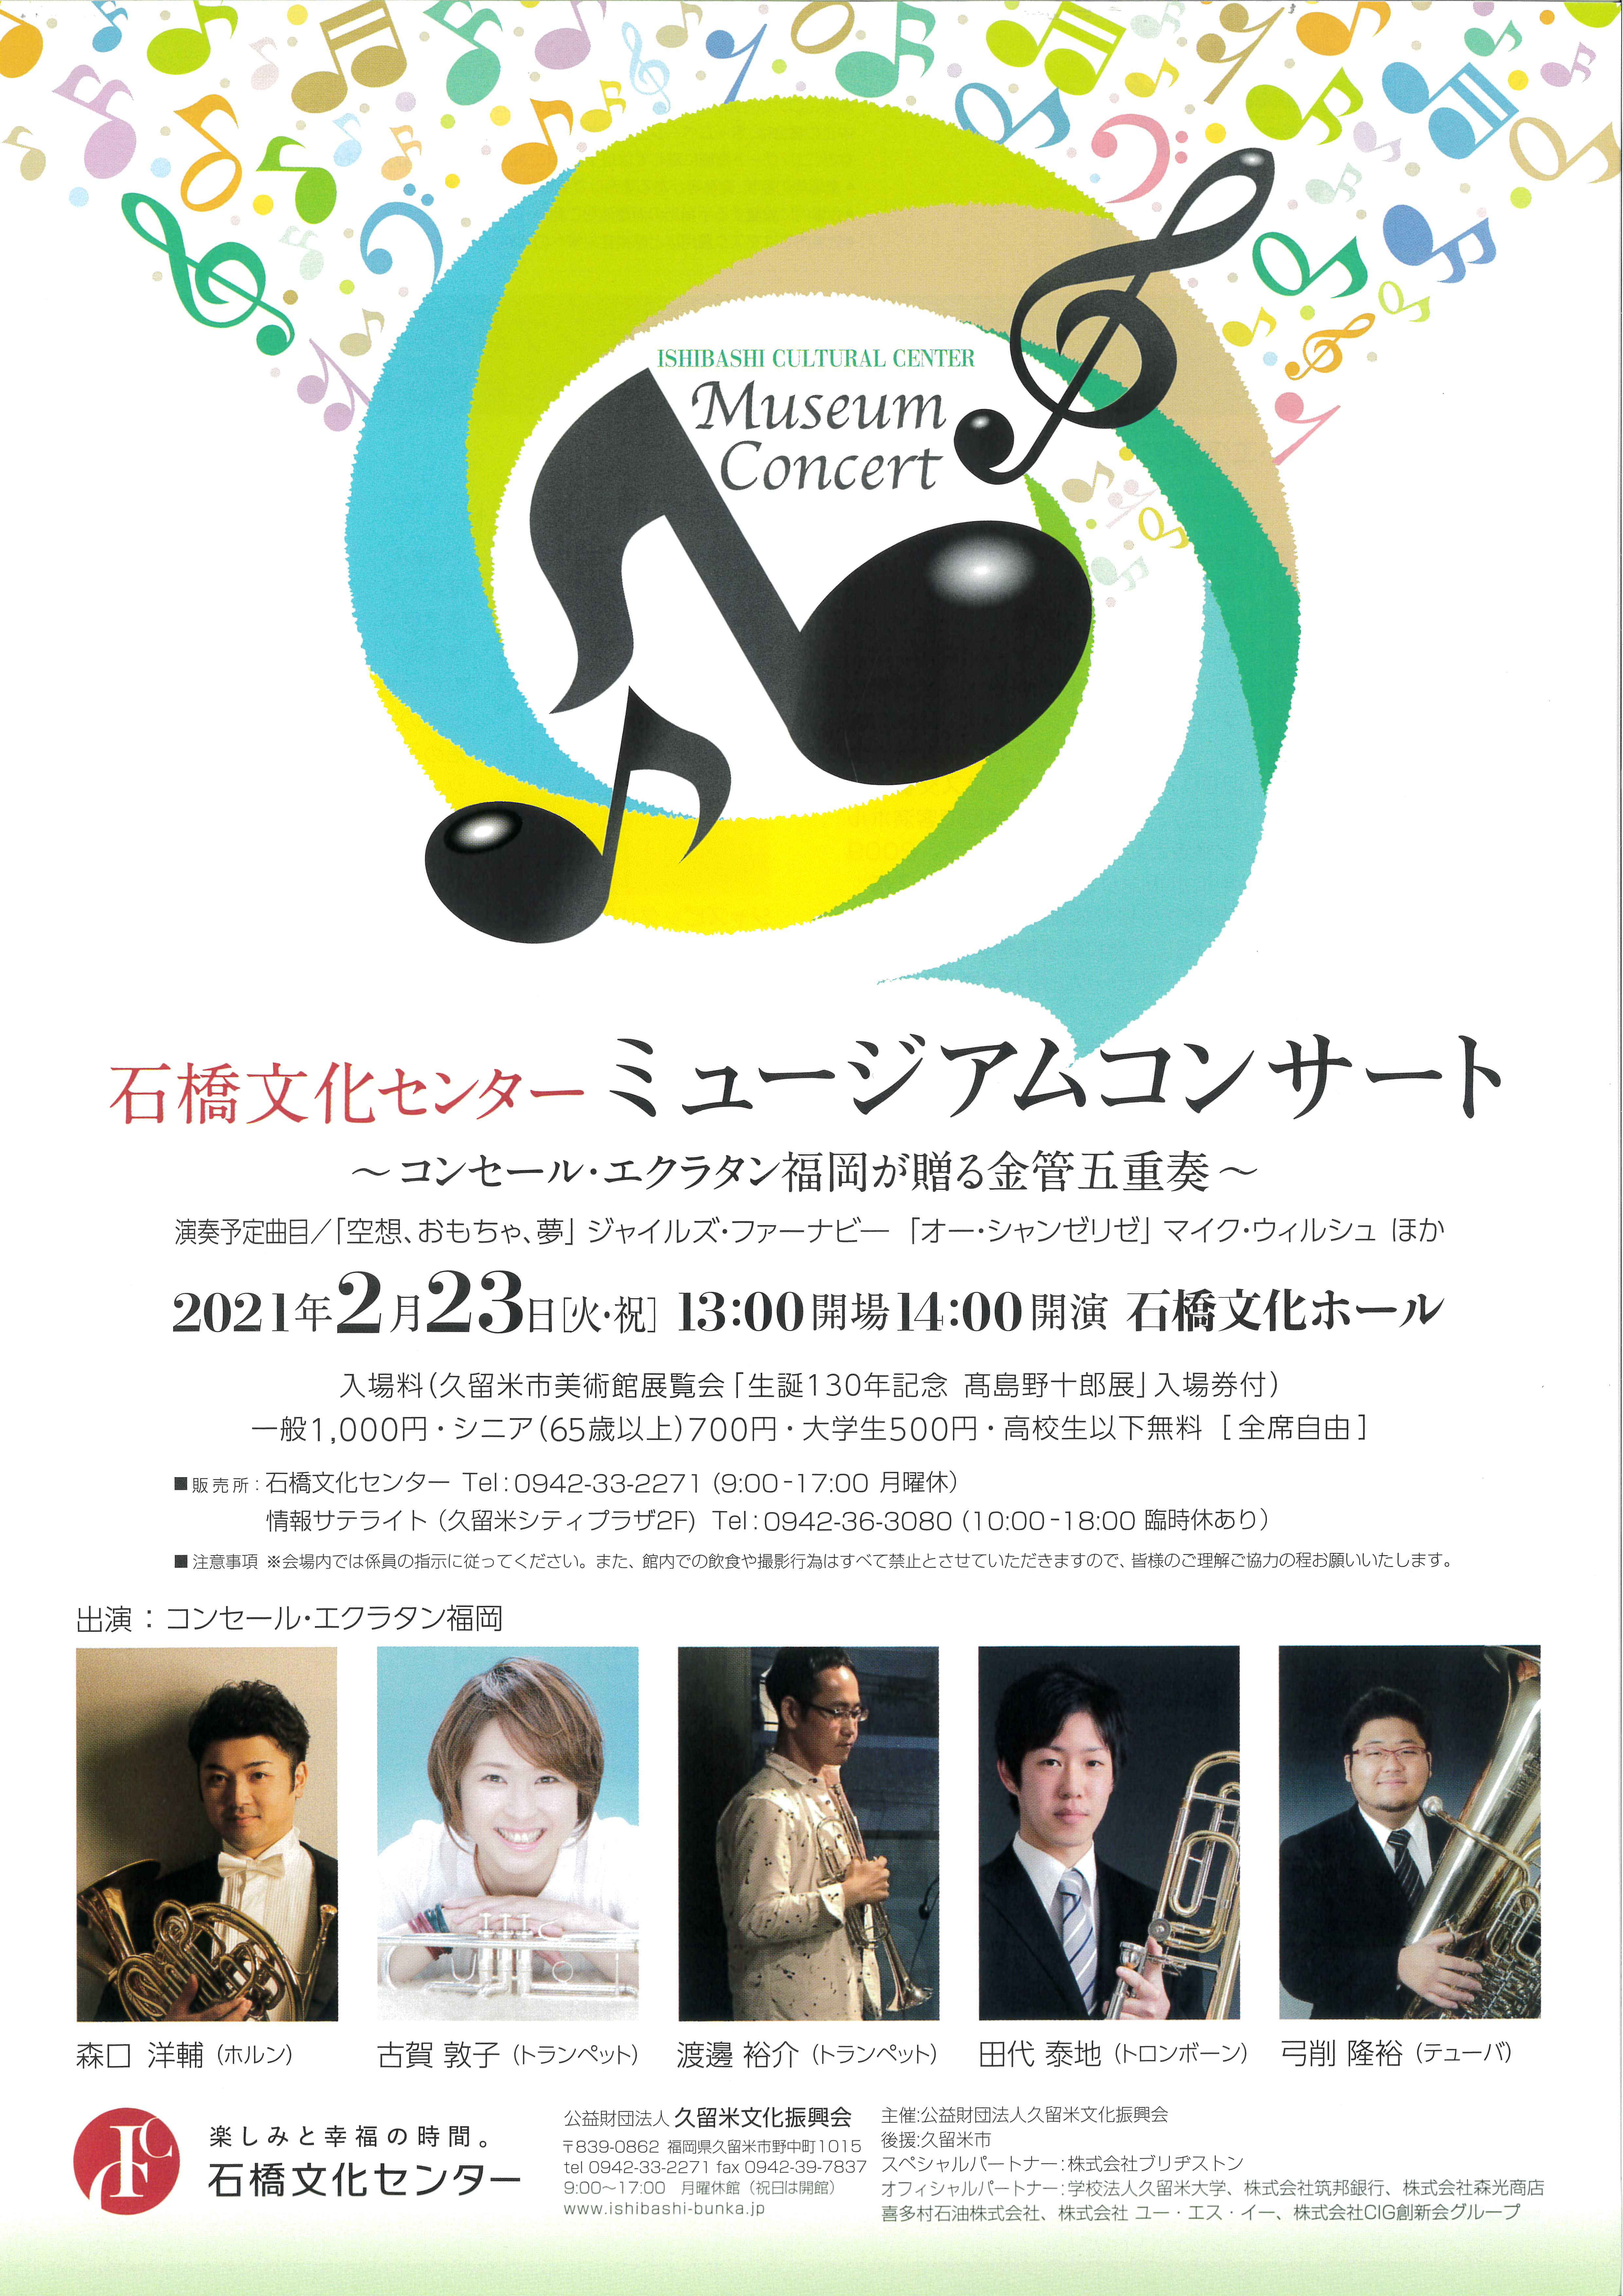 ミュージアムコンサート~コンセール・エクラタン福岡が贈る金管五重奏~